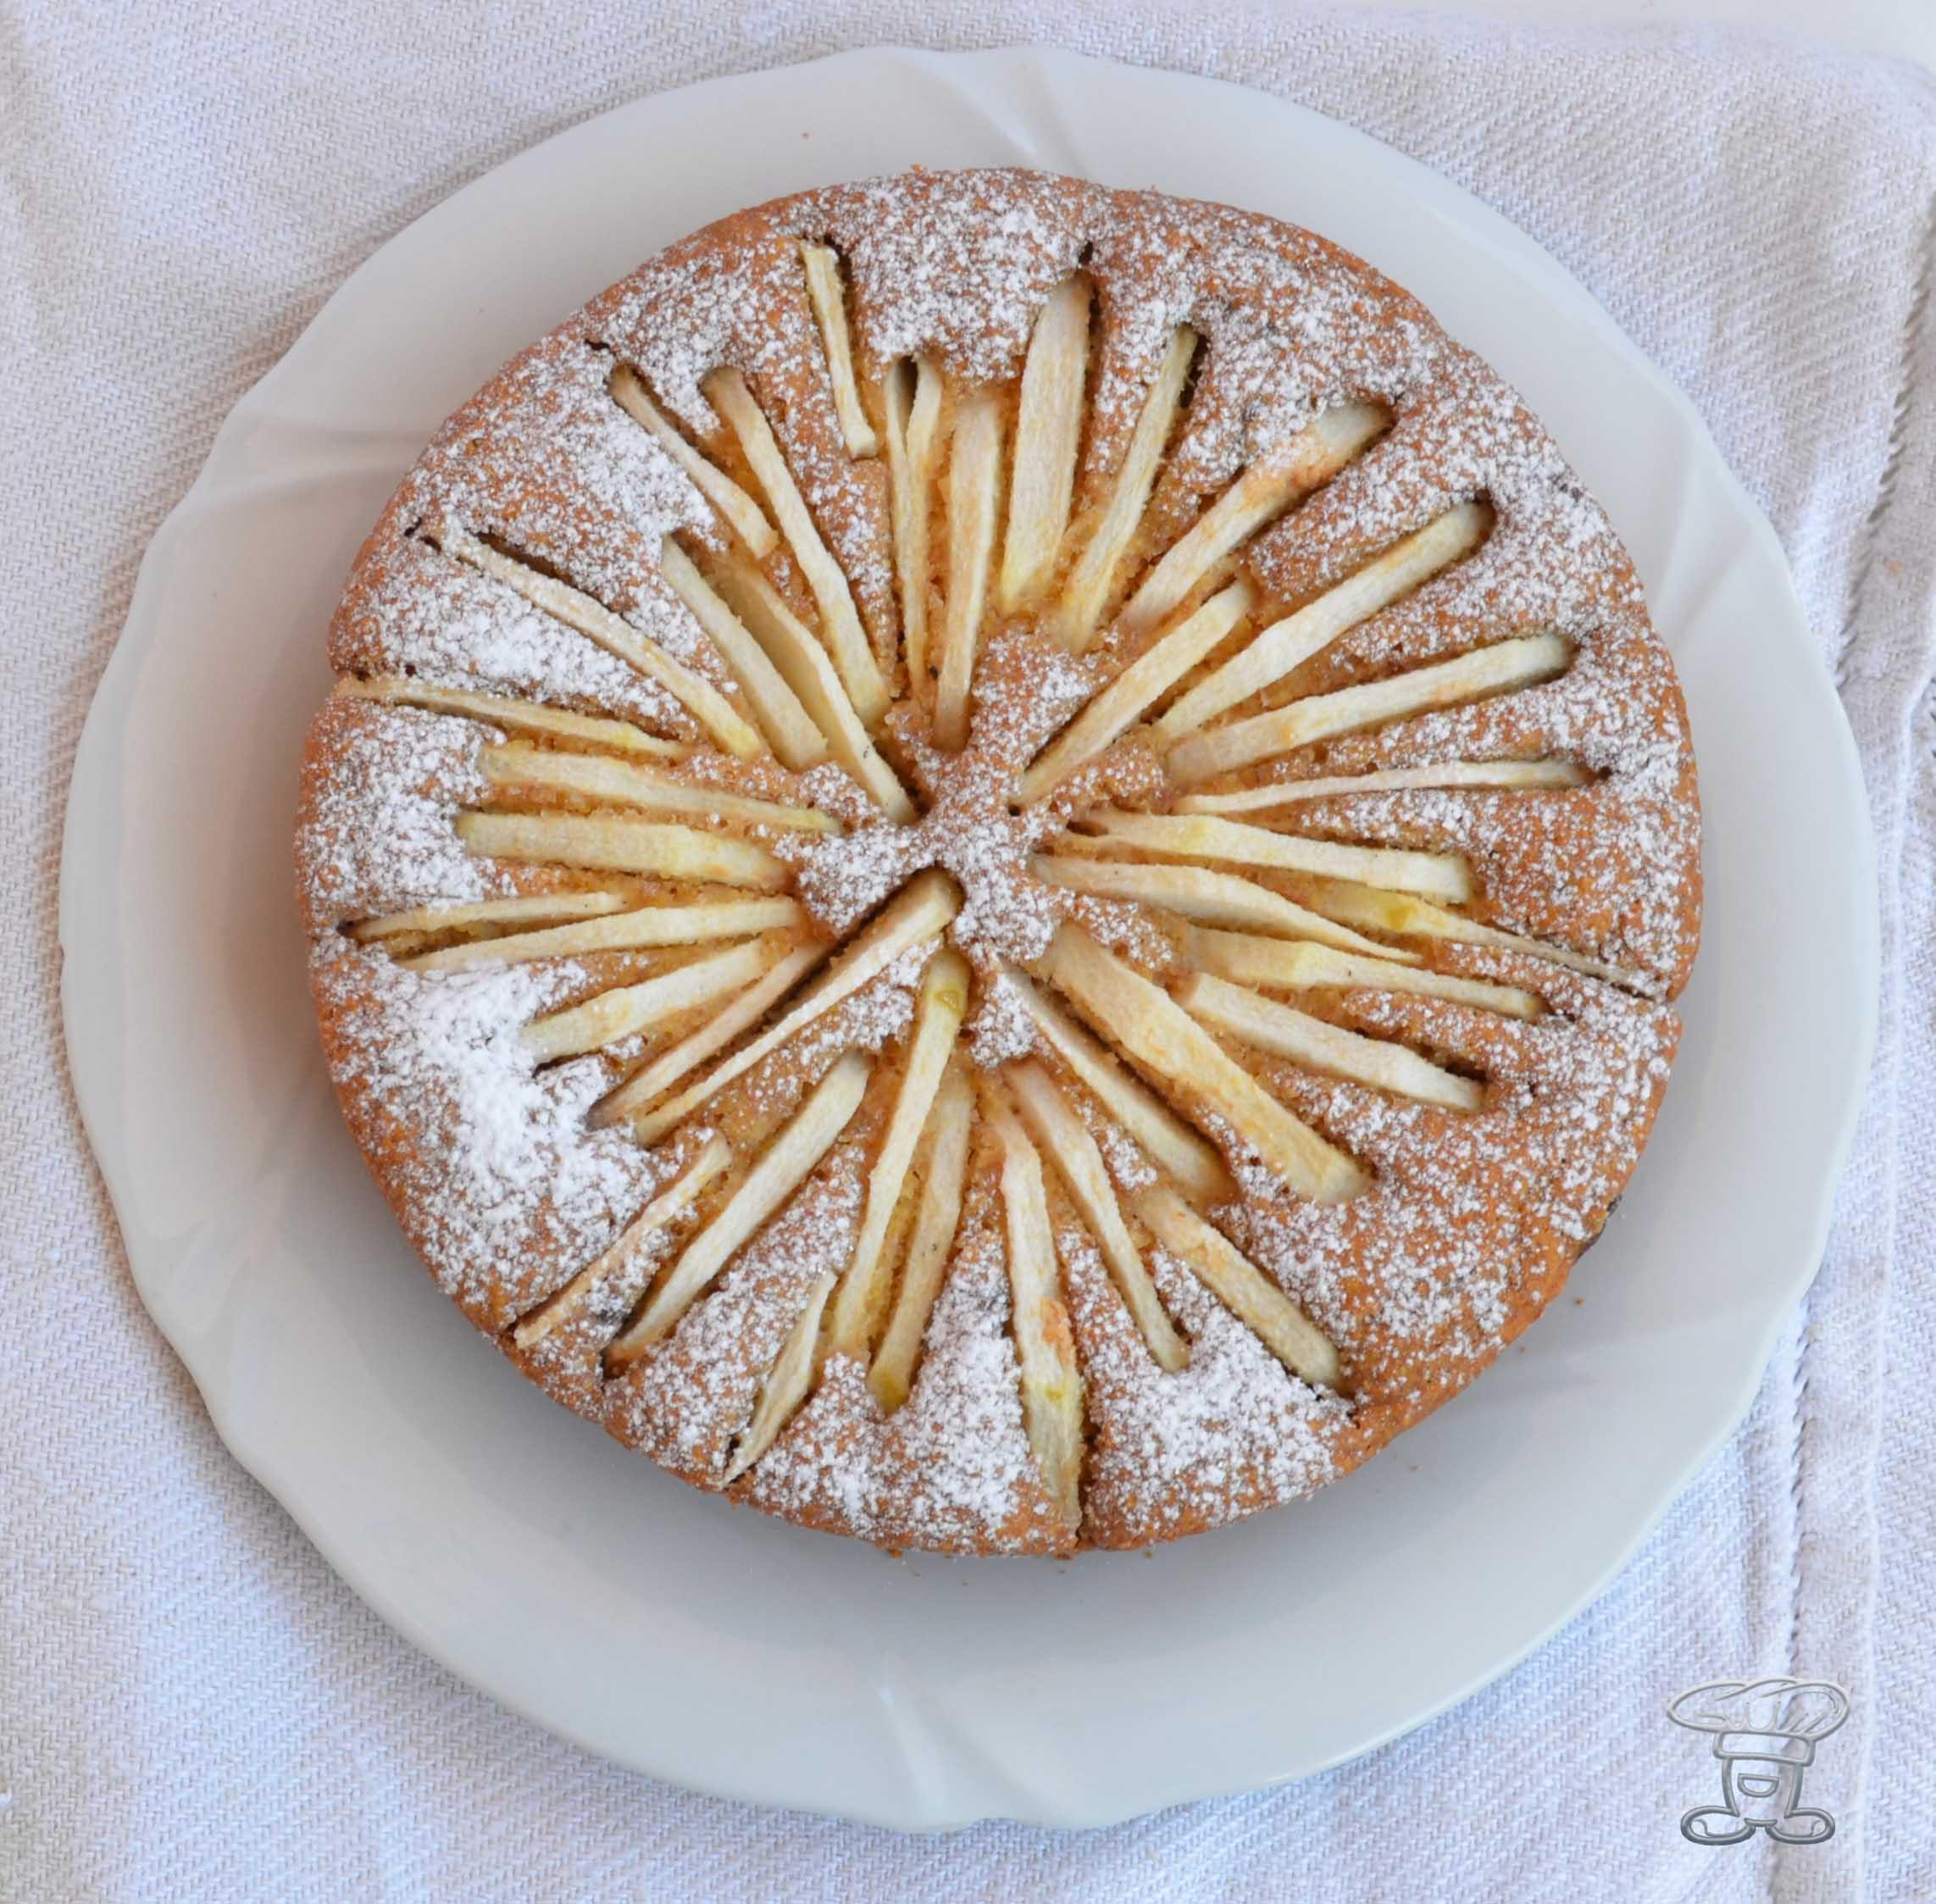 dsc_0712 Torta Vegana di Mele e Limoncello (...... senza lattosio!!!)